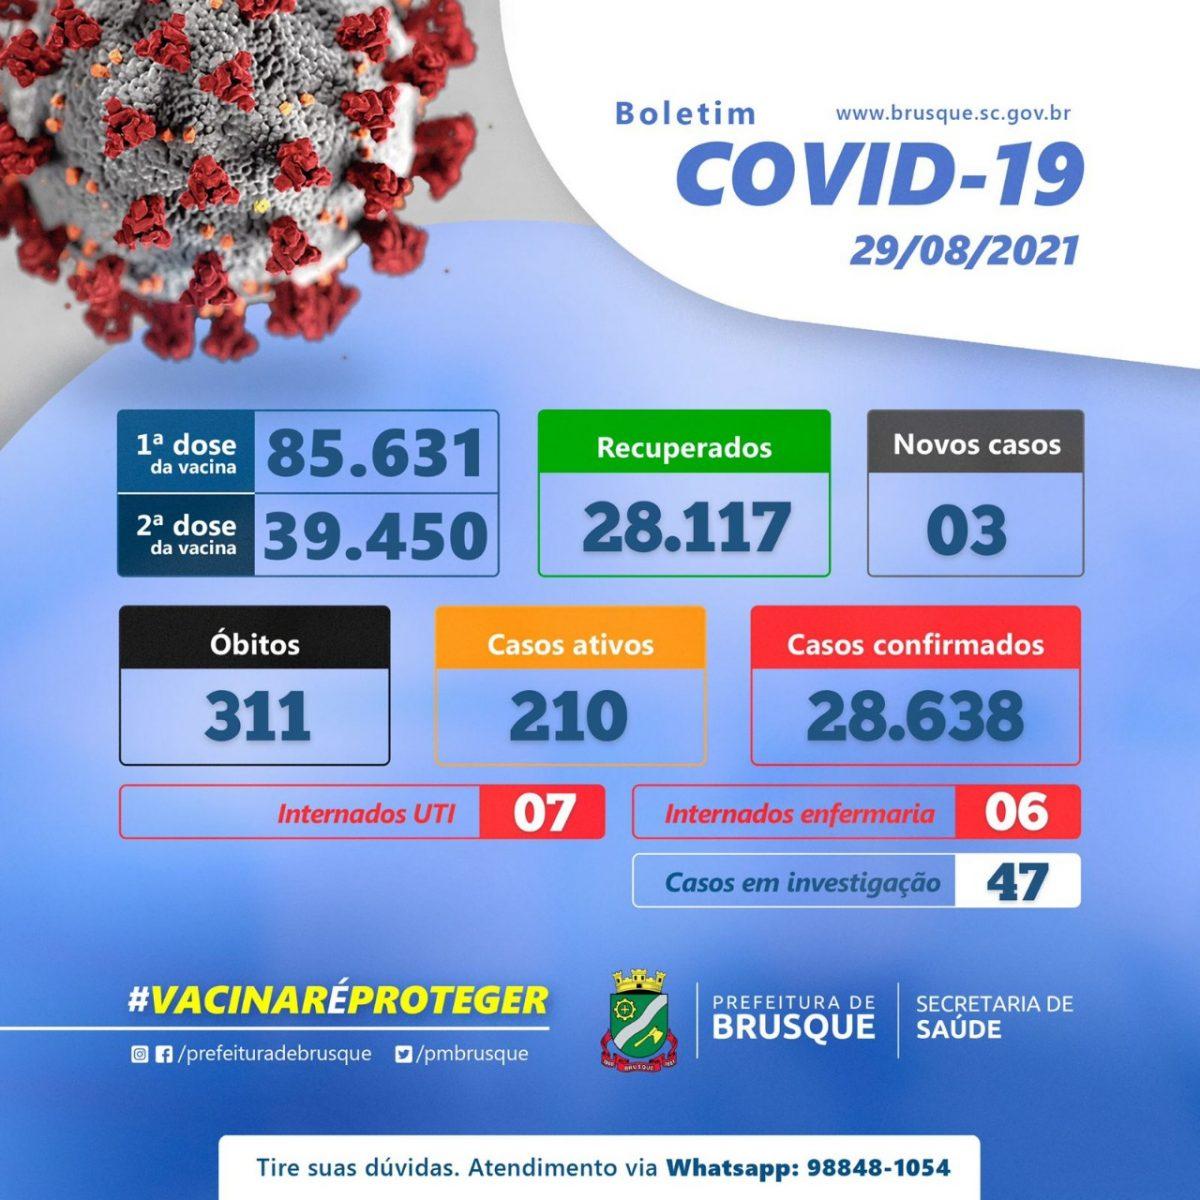 Covid-19: Confira o boletim epidemiológico deste domingo (29)